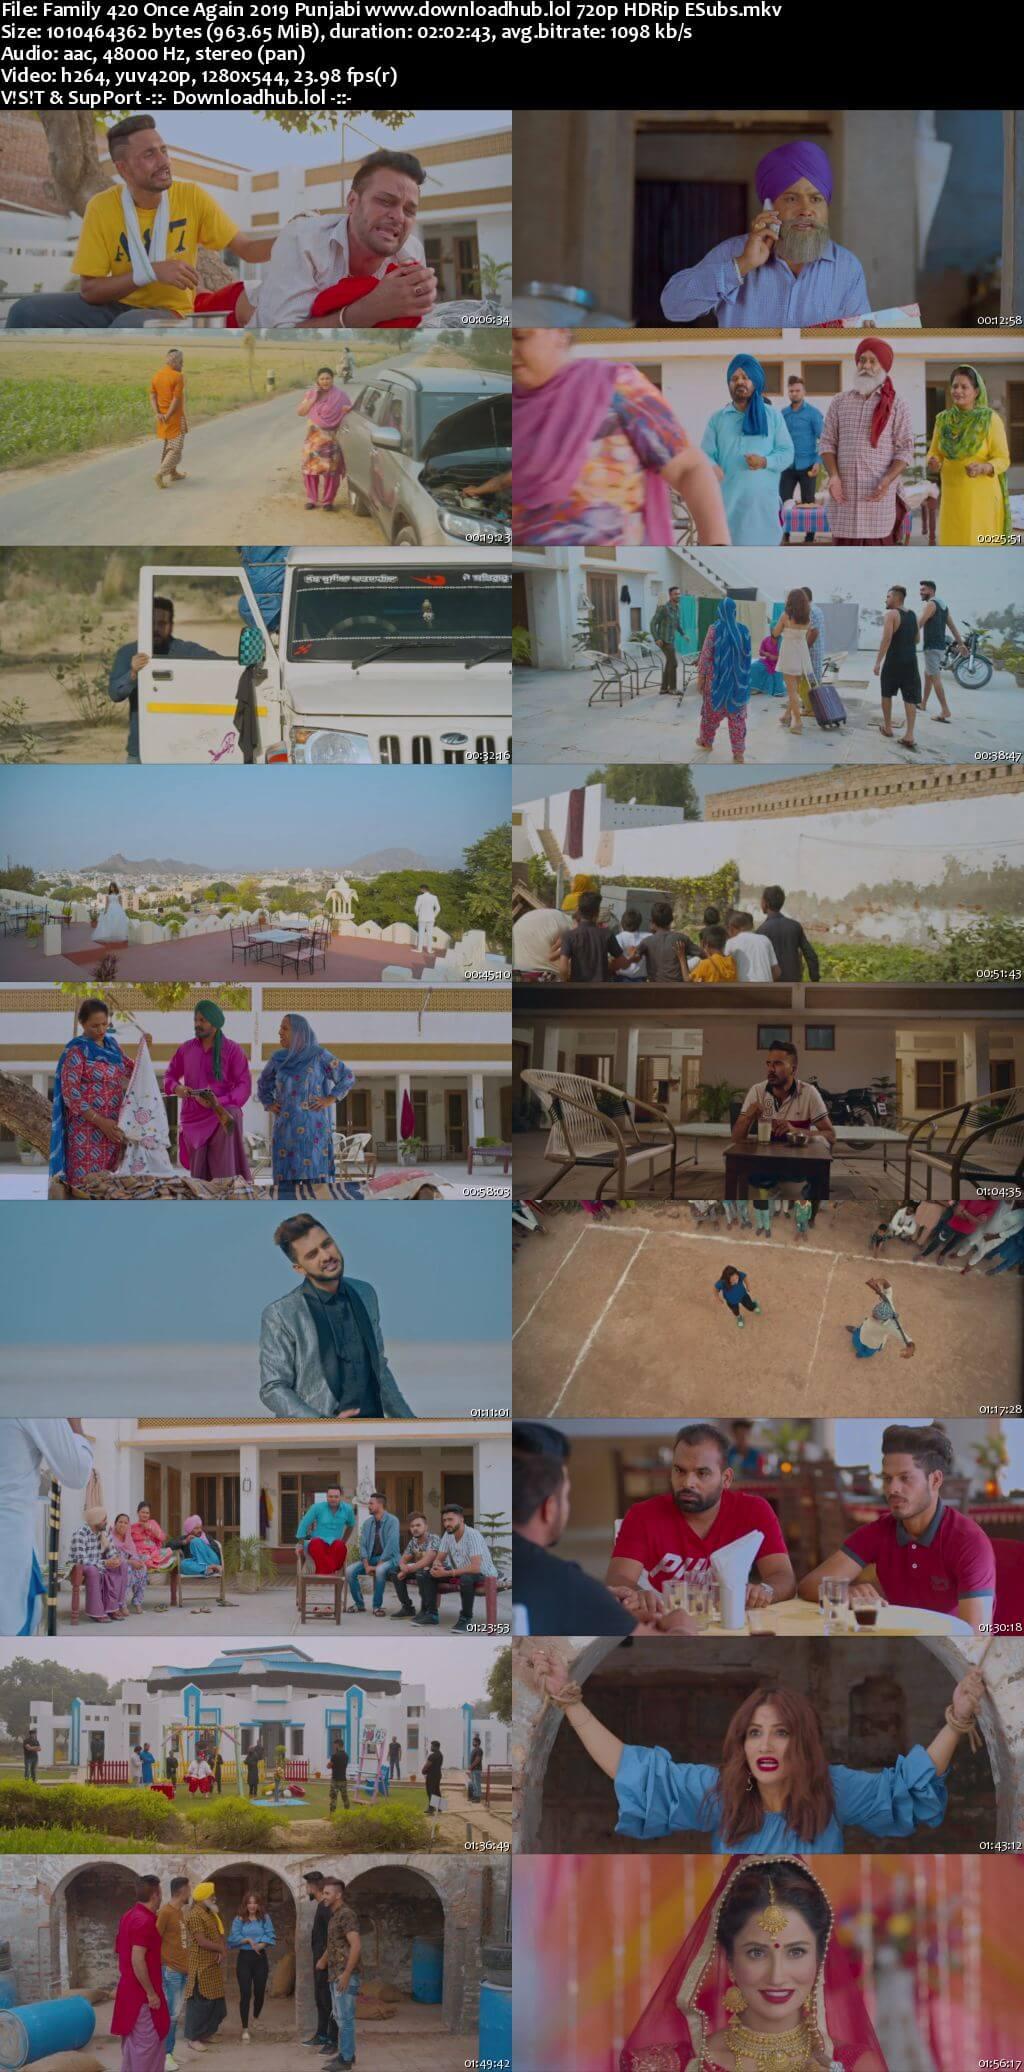 Family 420 Once Again 2019 Punjabi 720p HDRip ESubs